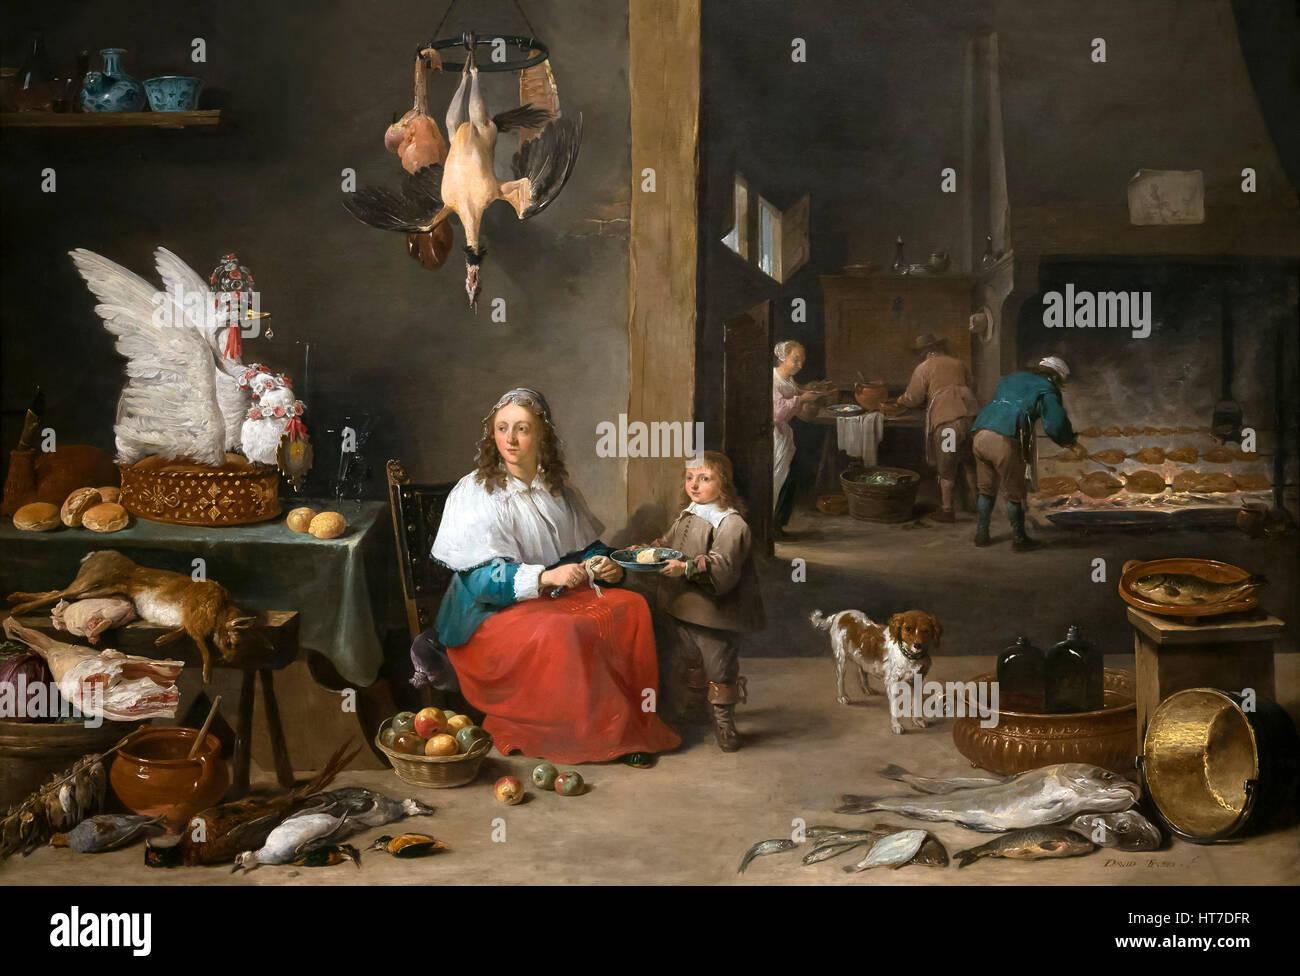 kche interieur von david teniers der jngere 1644 royal kunstgalerie museum mauritshuis den haag niederlande europa